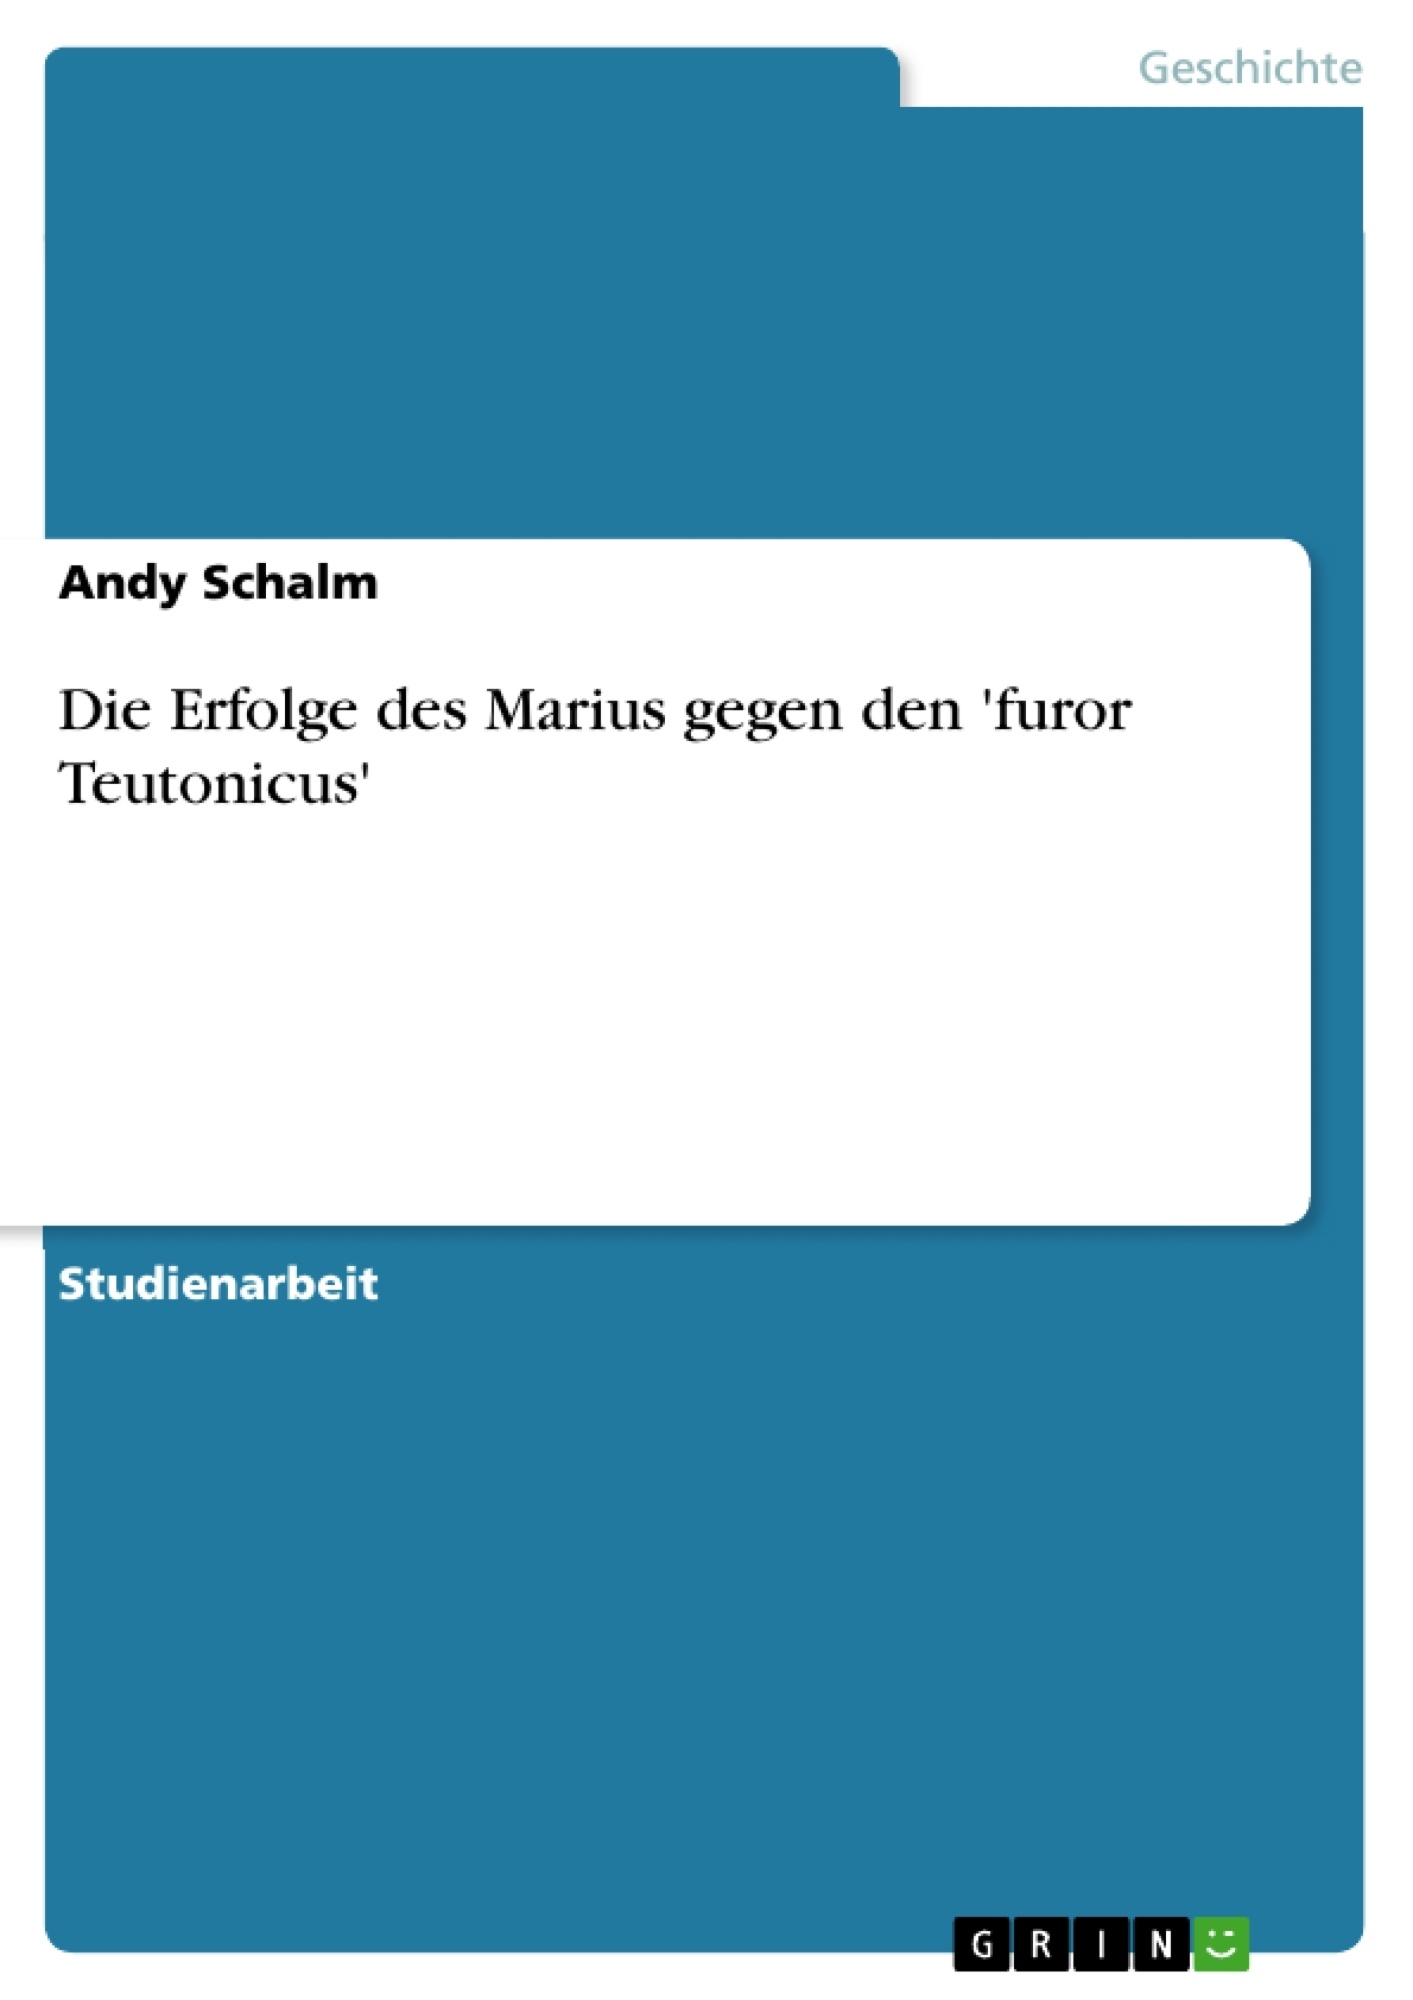 Titel: Die Erfolge des Marius gegen den 'furor Teutonicus'